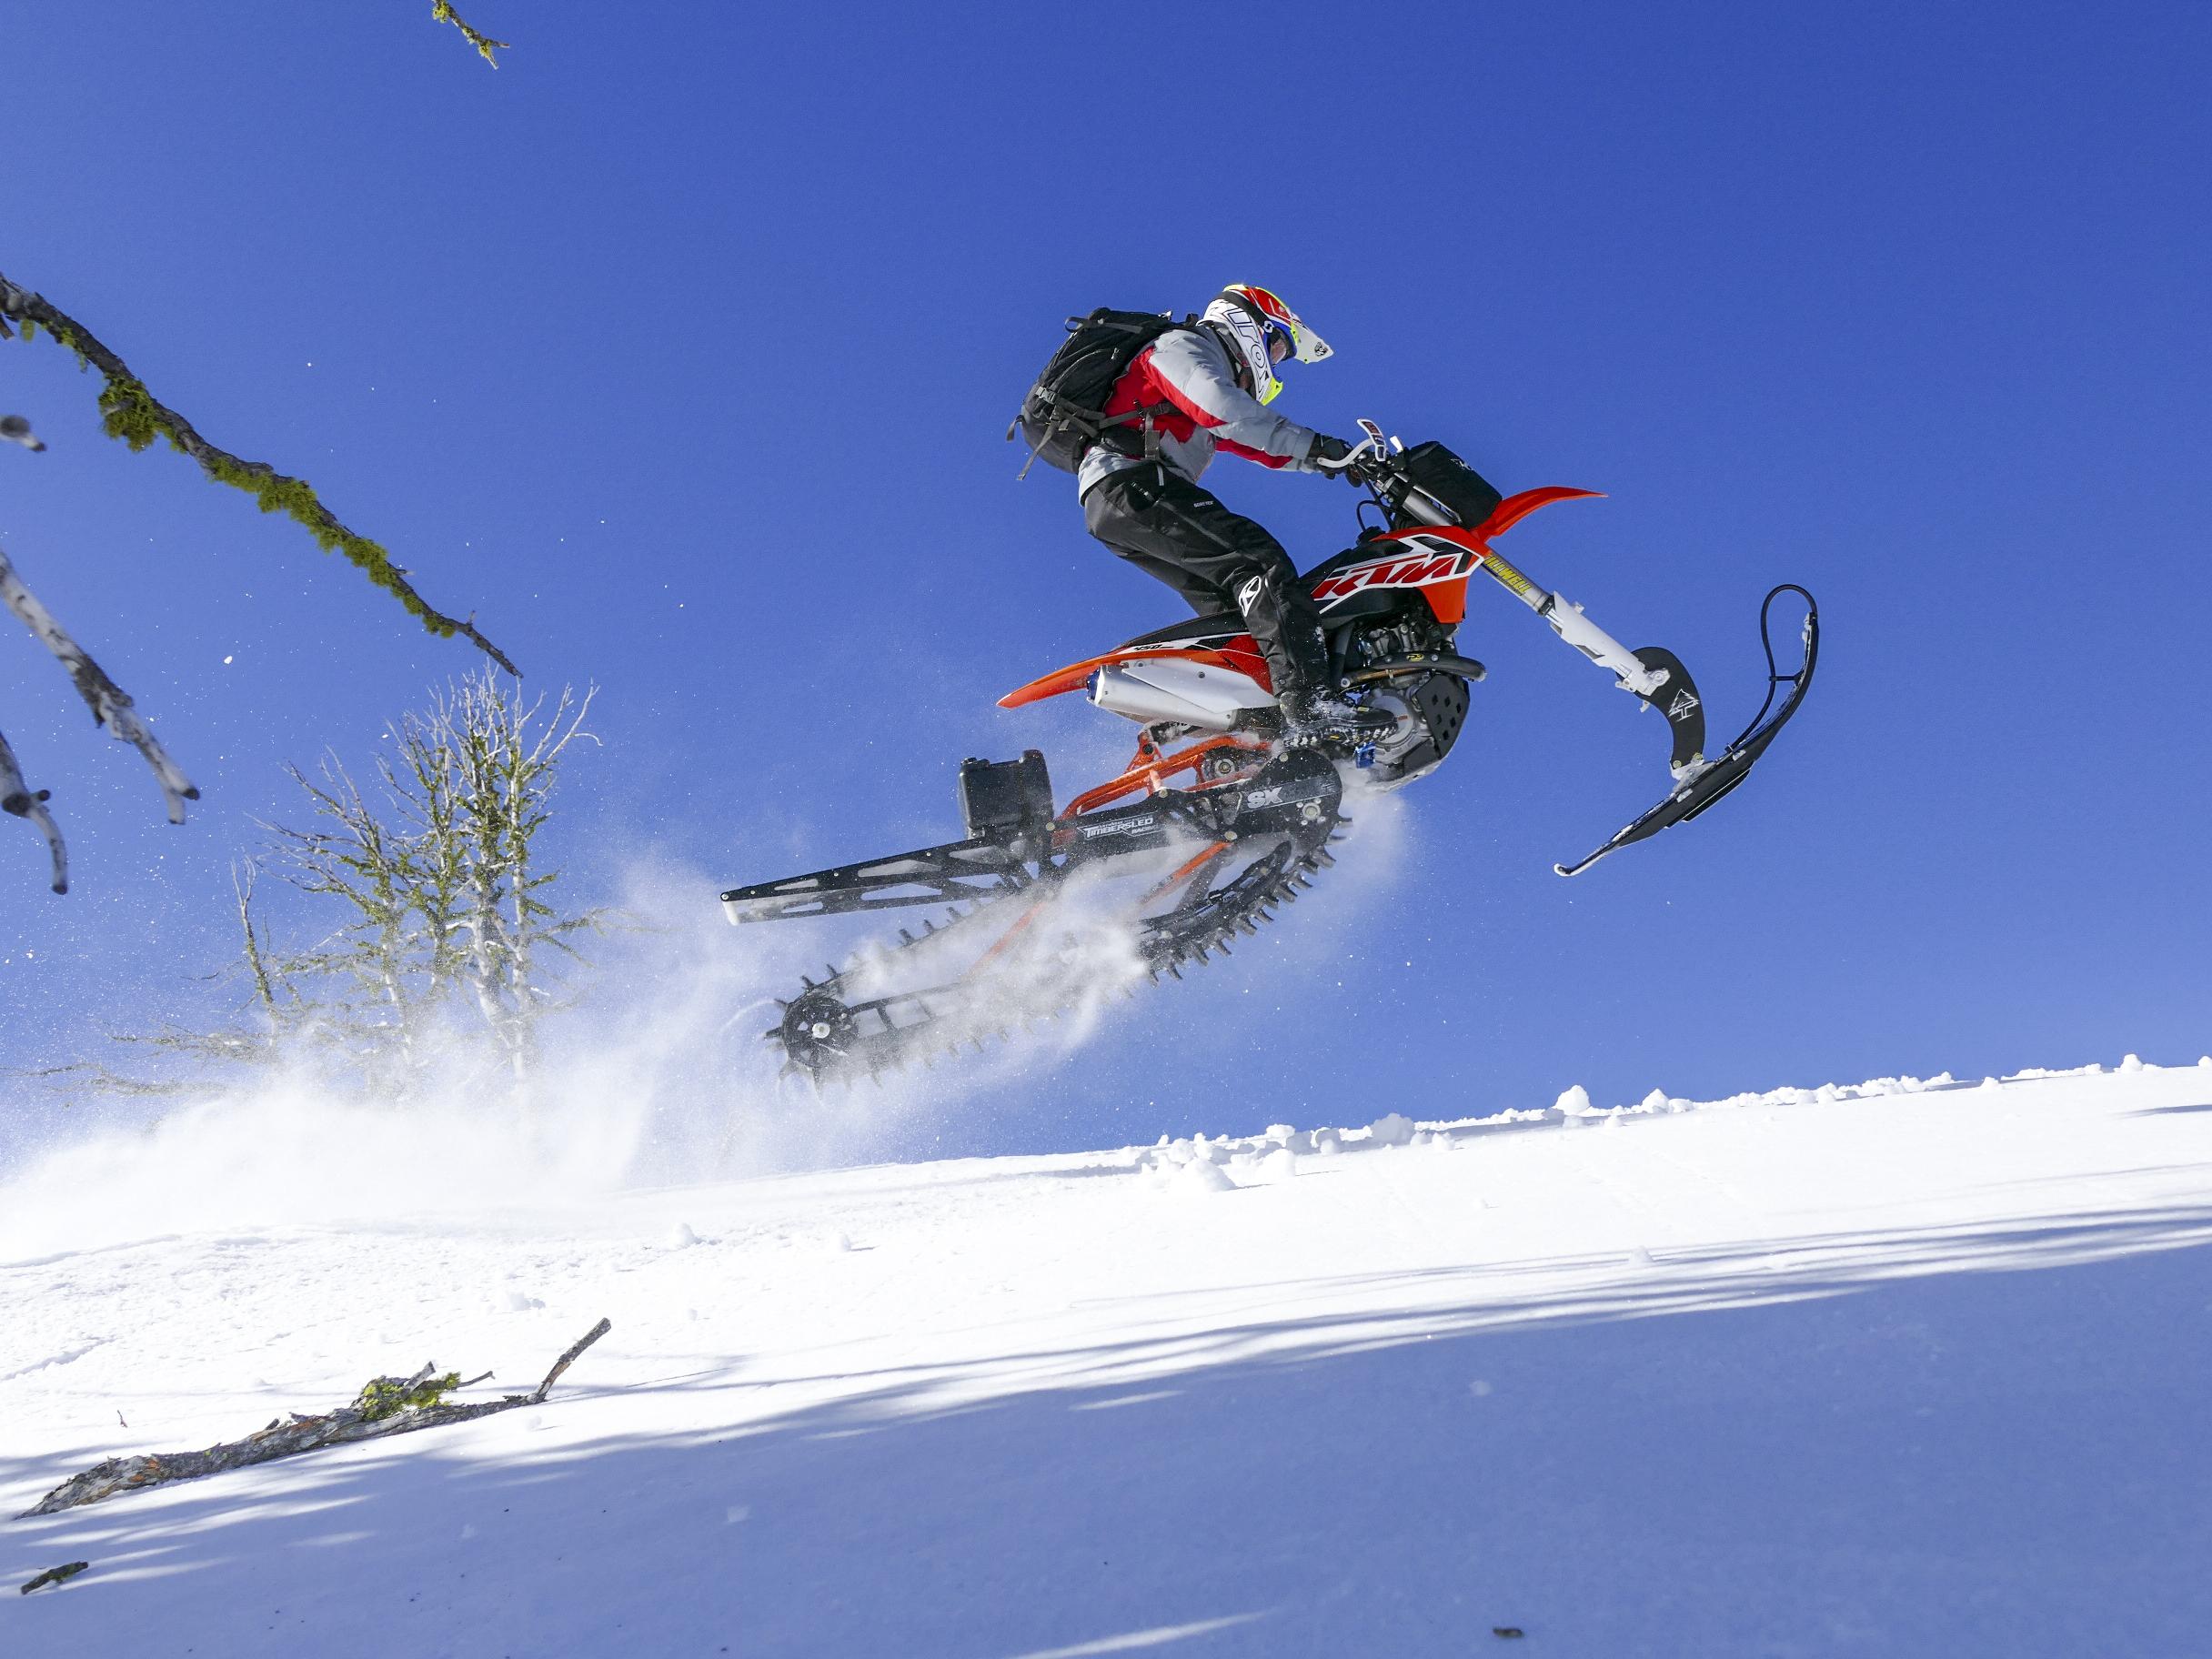 Le motocross en hiver à son meilleur!  Timbersled!